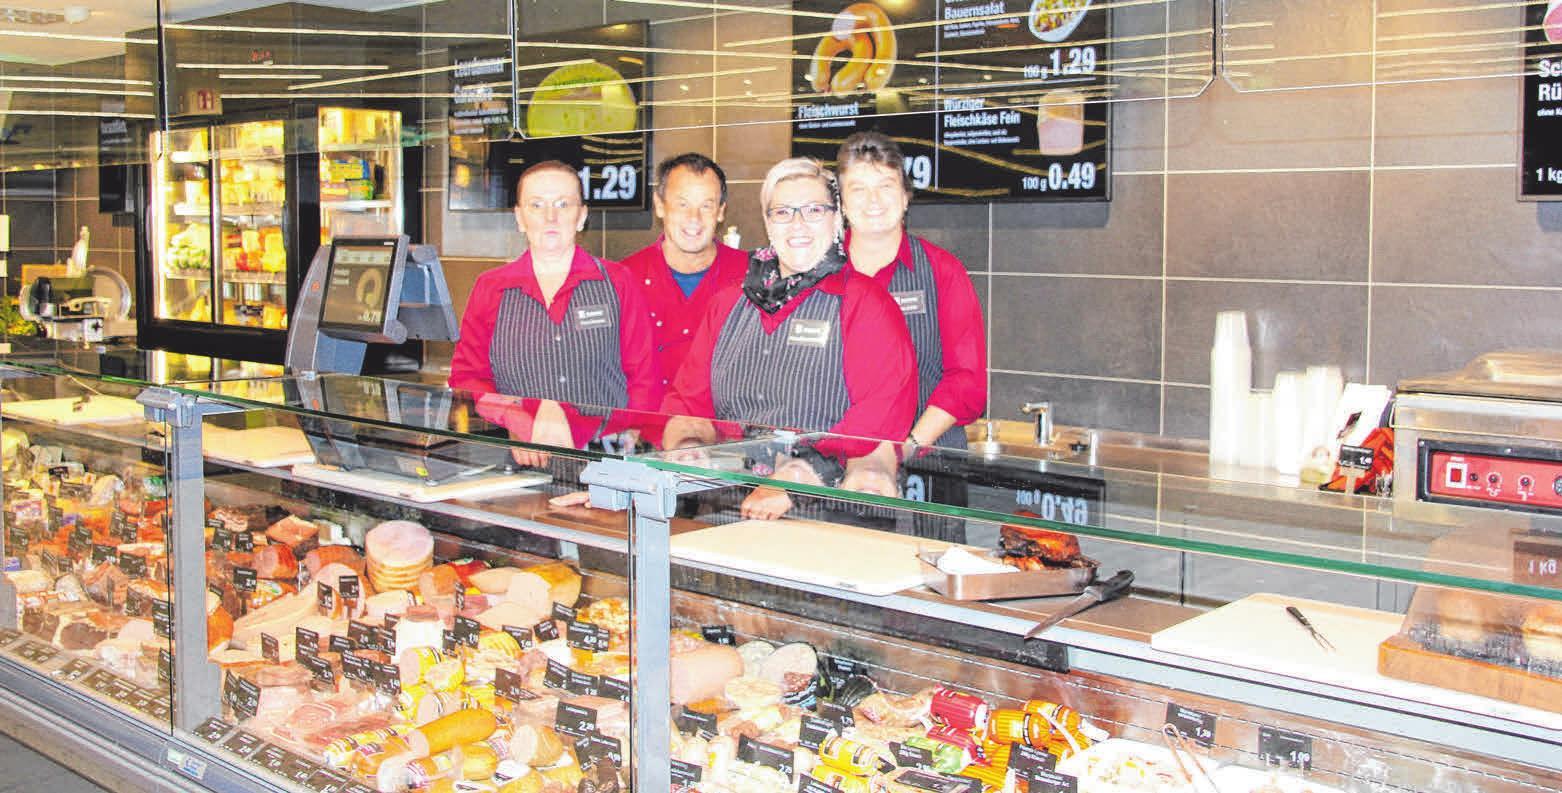 Das Team der Frischetheke (von links): Inge Charyasz, Metzger Otto Brauchle, Manuela Remensberger und Sonja König. FOTO: CHRISTINE MARTIN